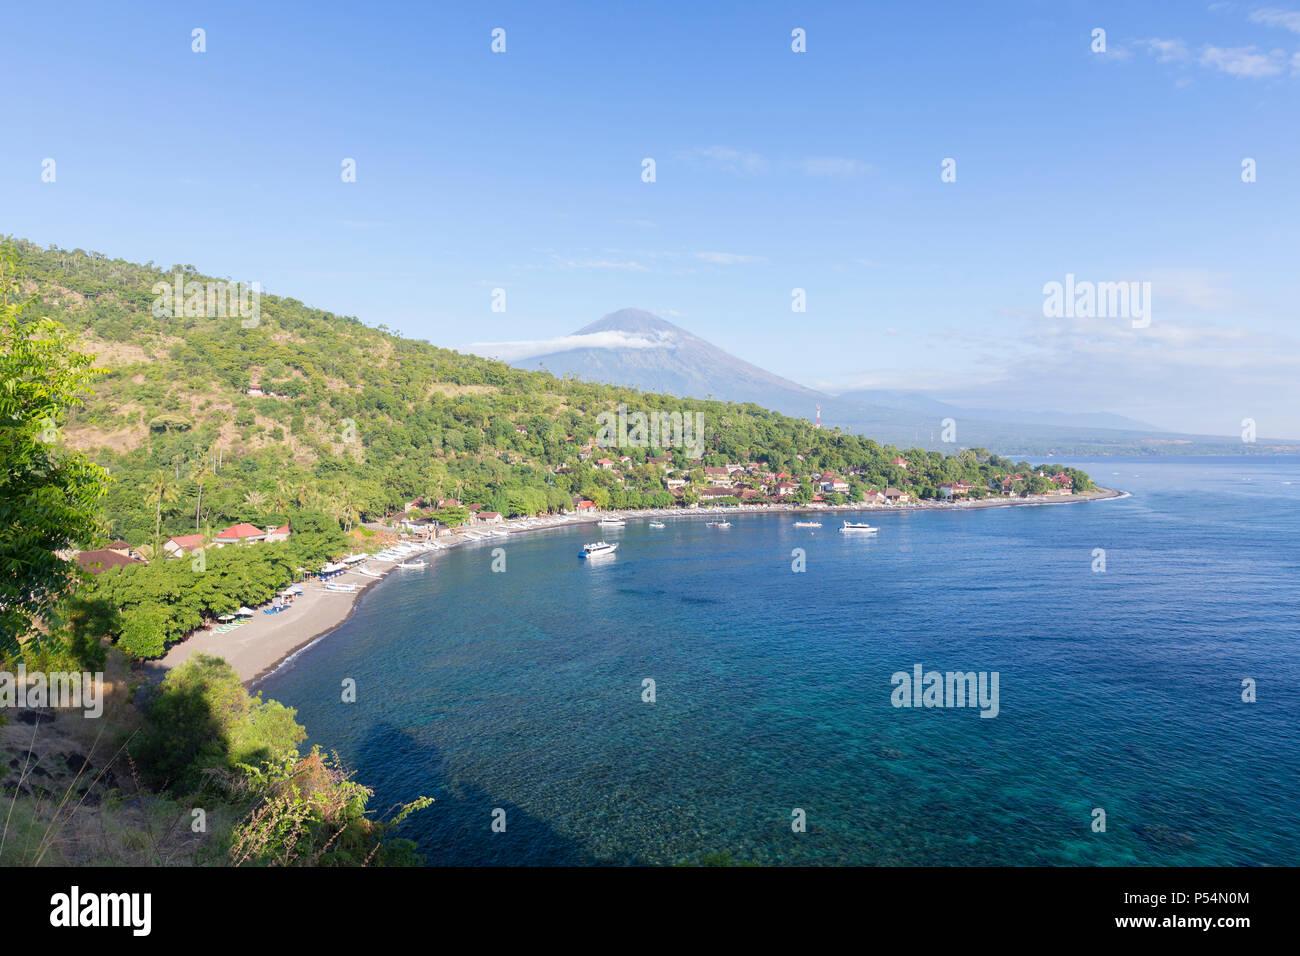 Amed Beach mit der Agung Vulkan im Hintergrund, Bali, Indonesien Stockbild